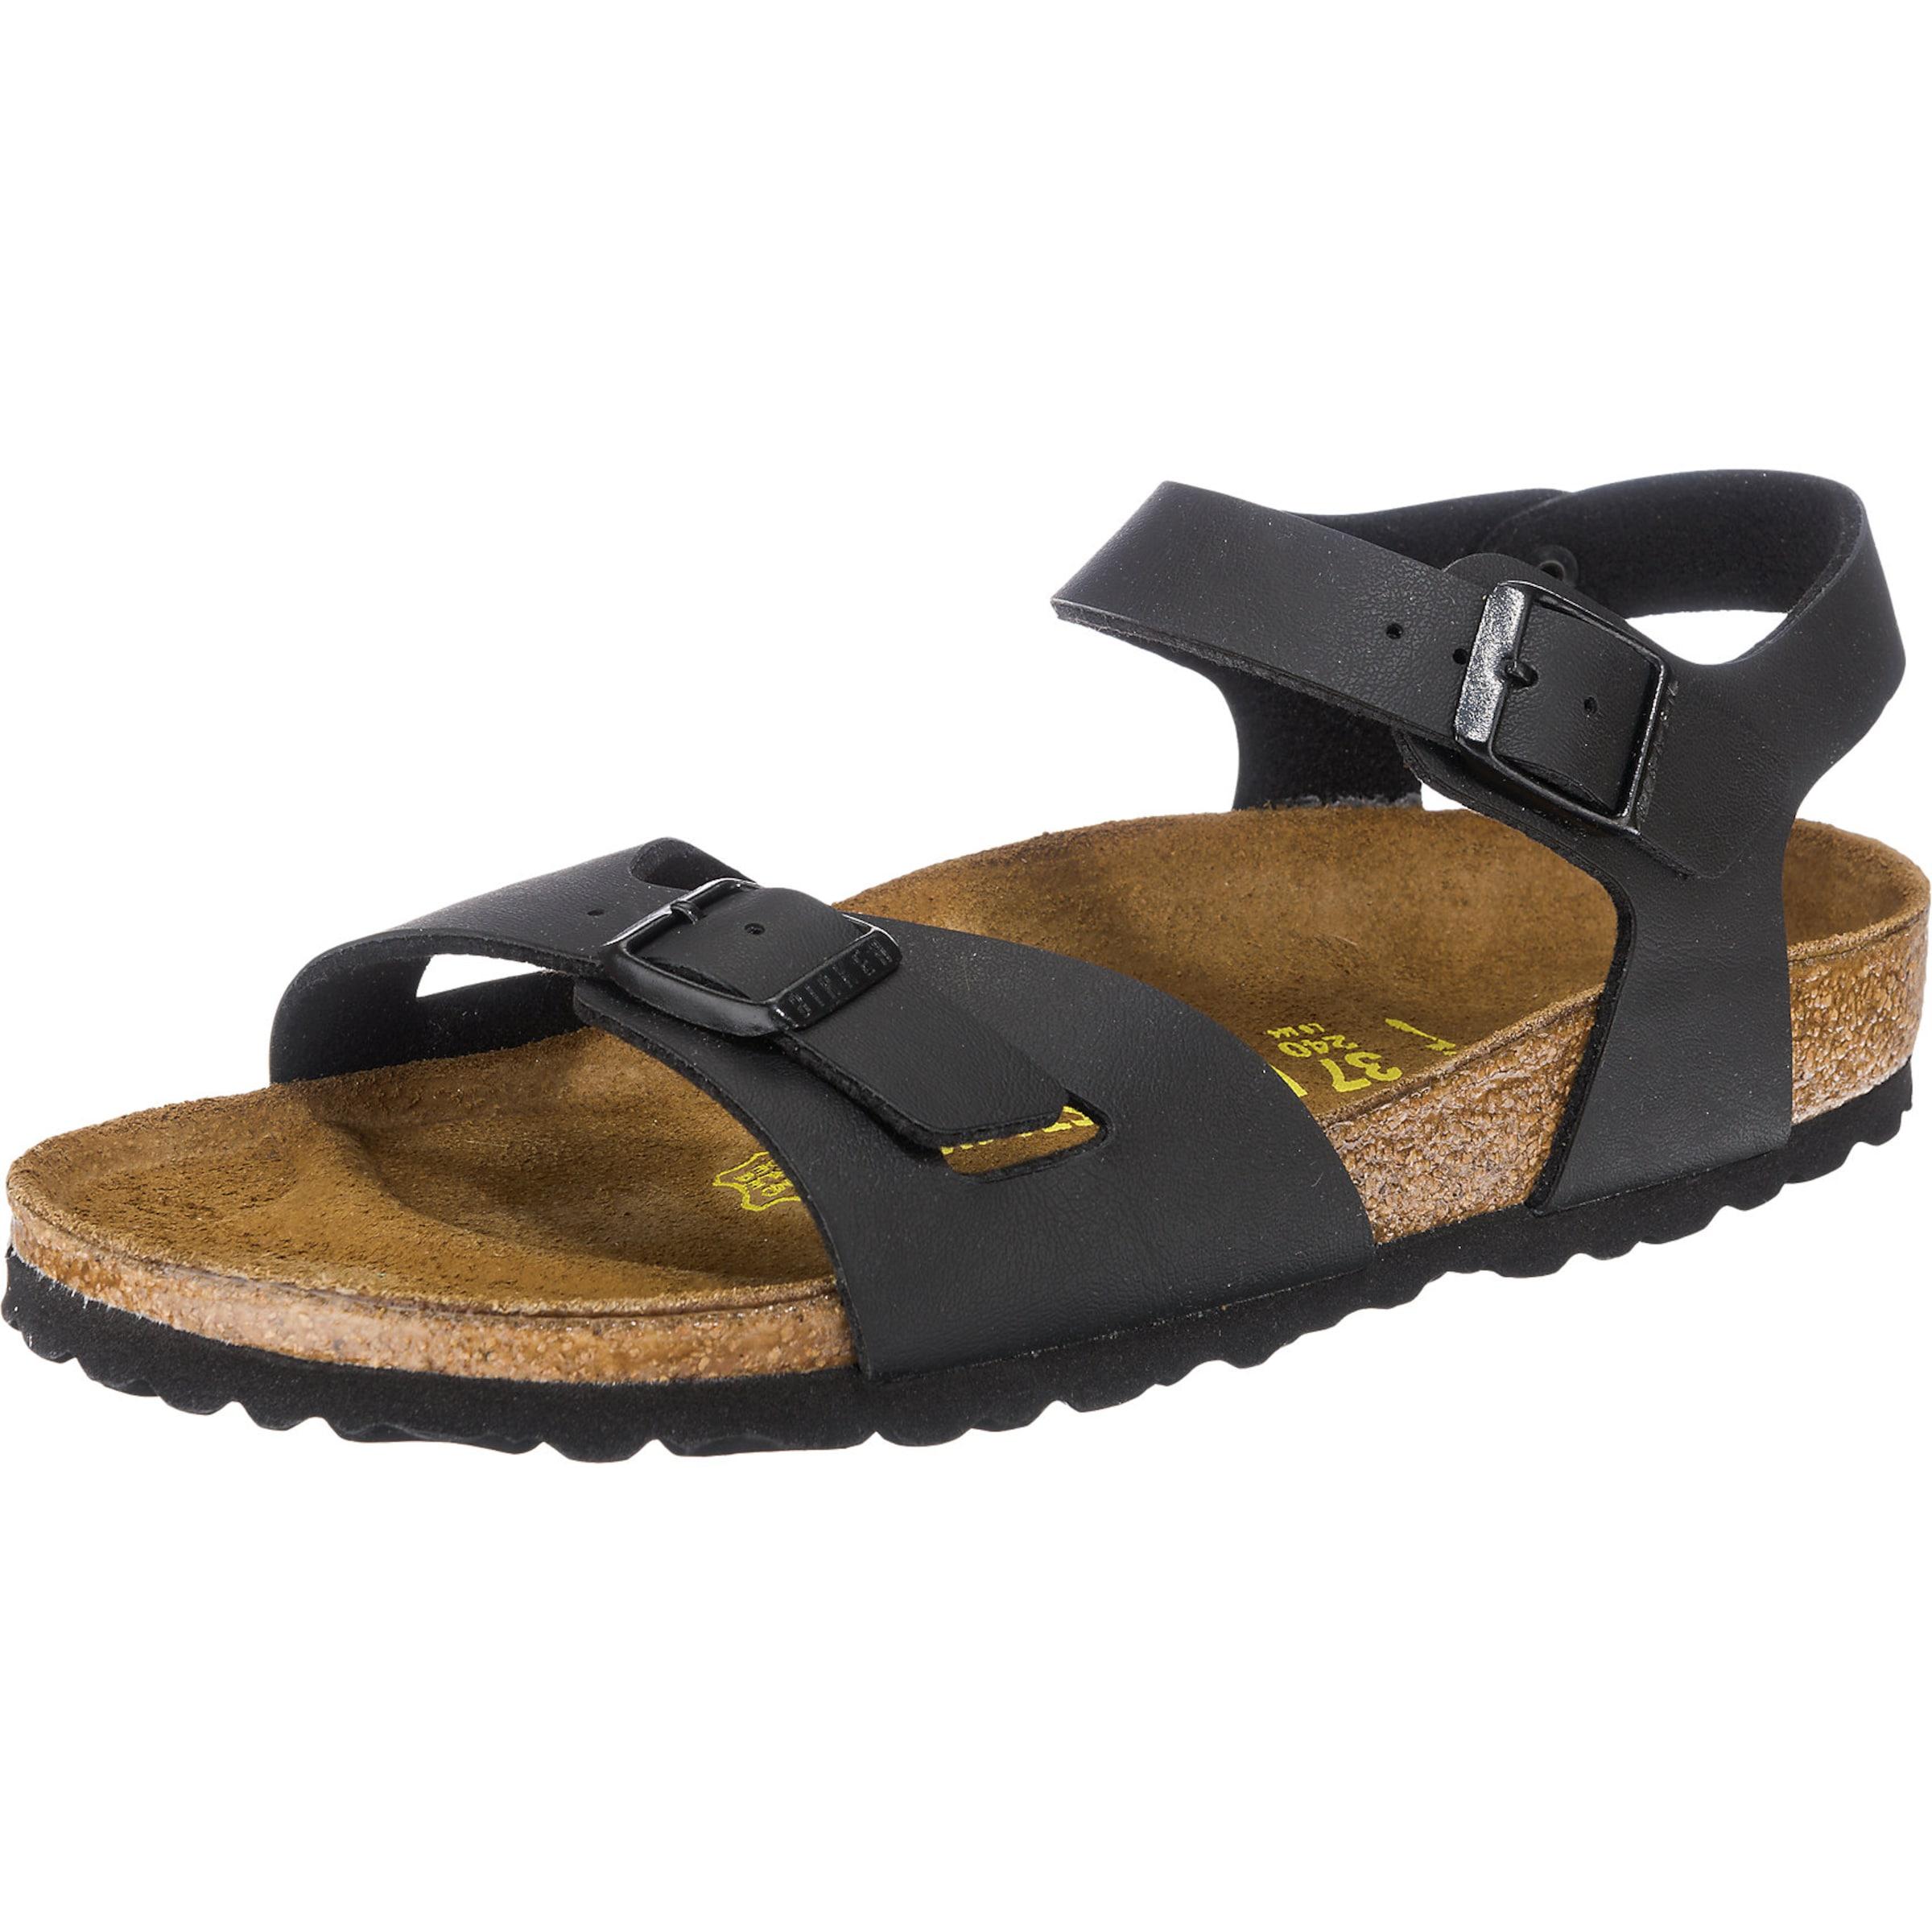 BIRKENSTOCK Rio Verschleißfeste schmal Sandaletten Verschleißfeste Rio billige Schuhe fafb05